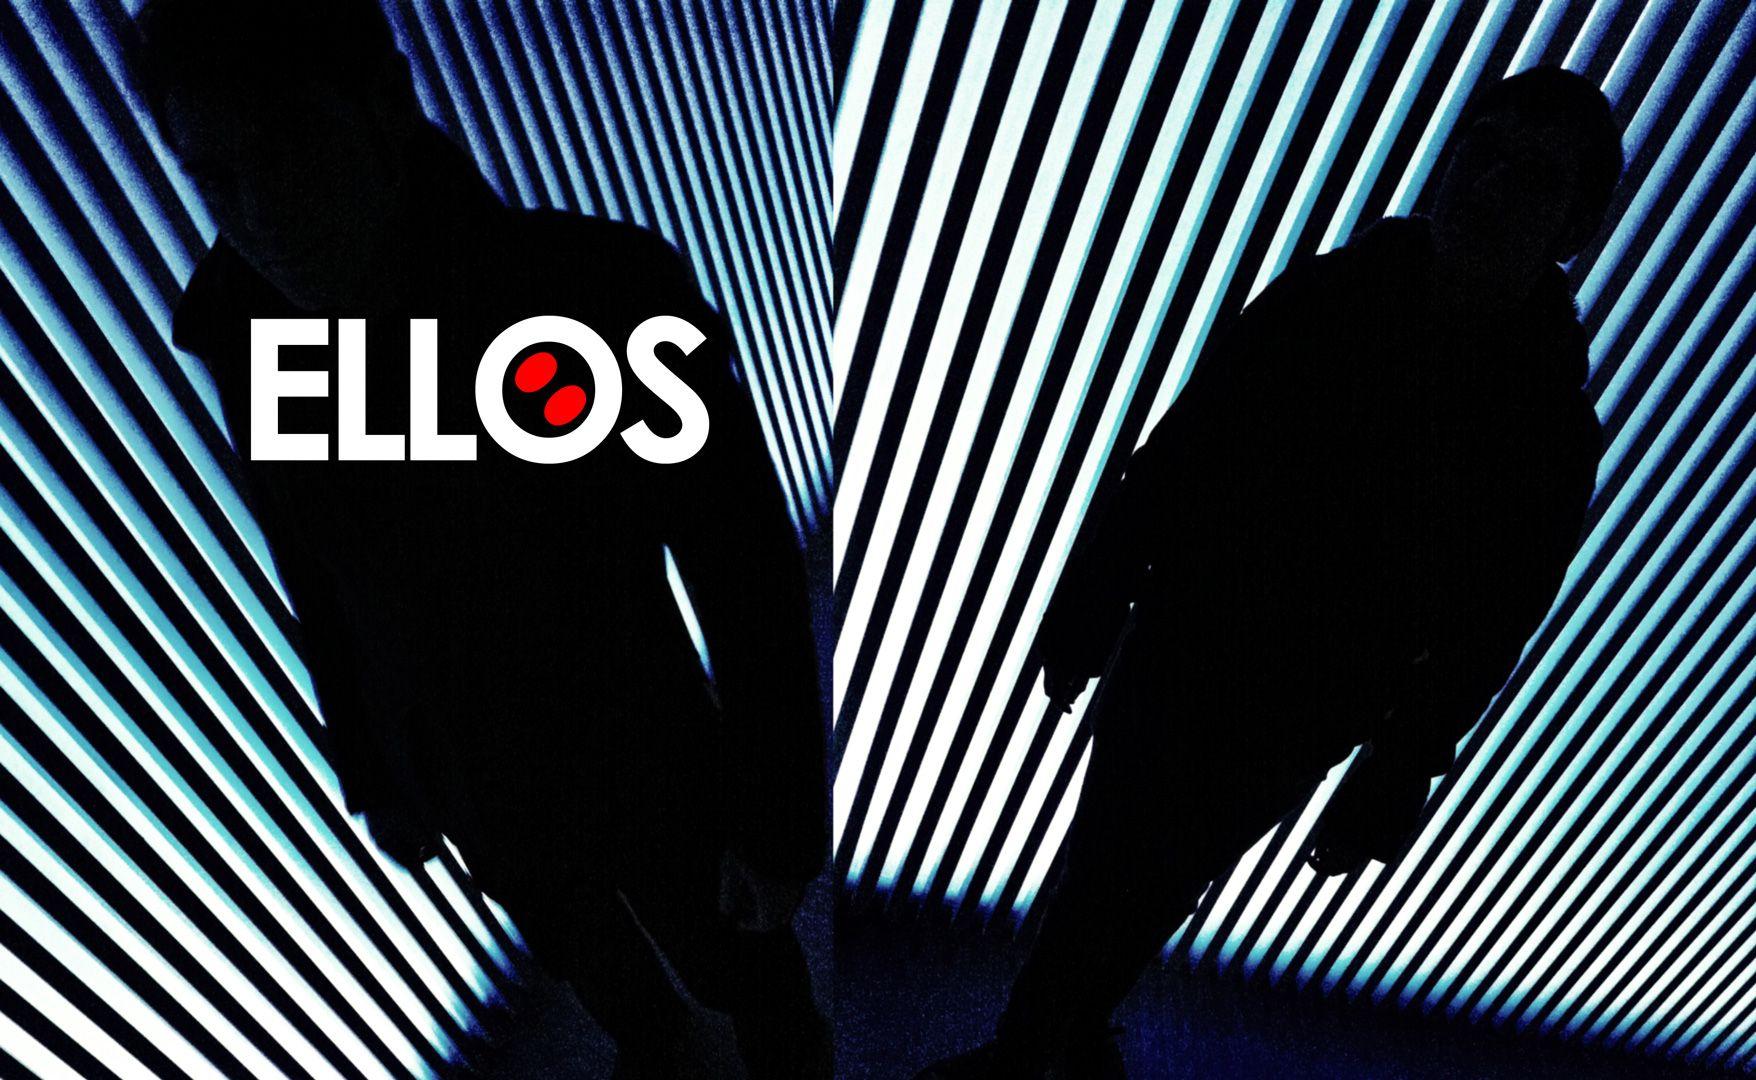 Ellos actuarán en Agustico el 23 de noviembre de 2012